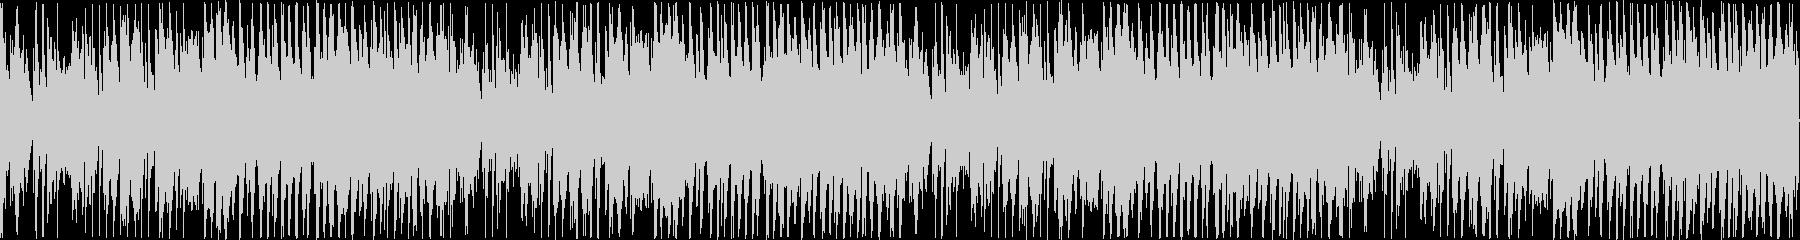 エレガンスでかわいいフルートのメロディの未再生の波形